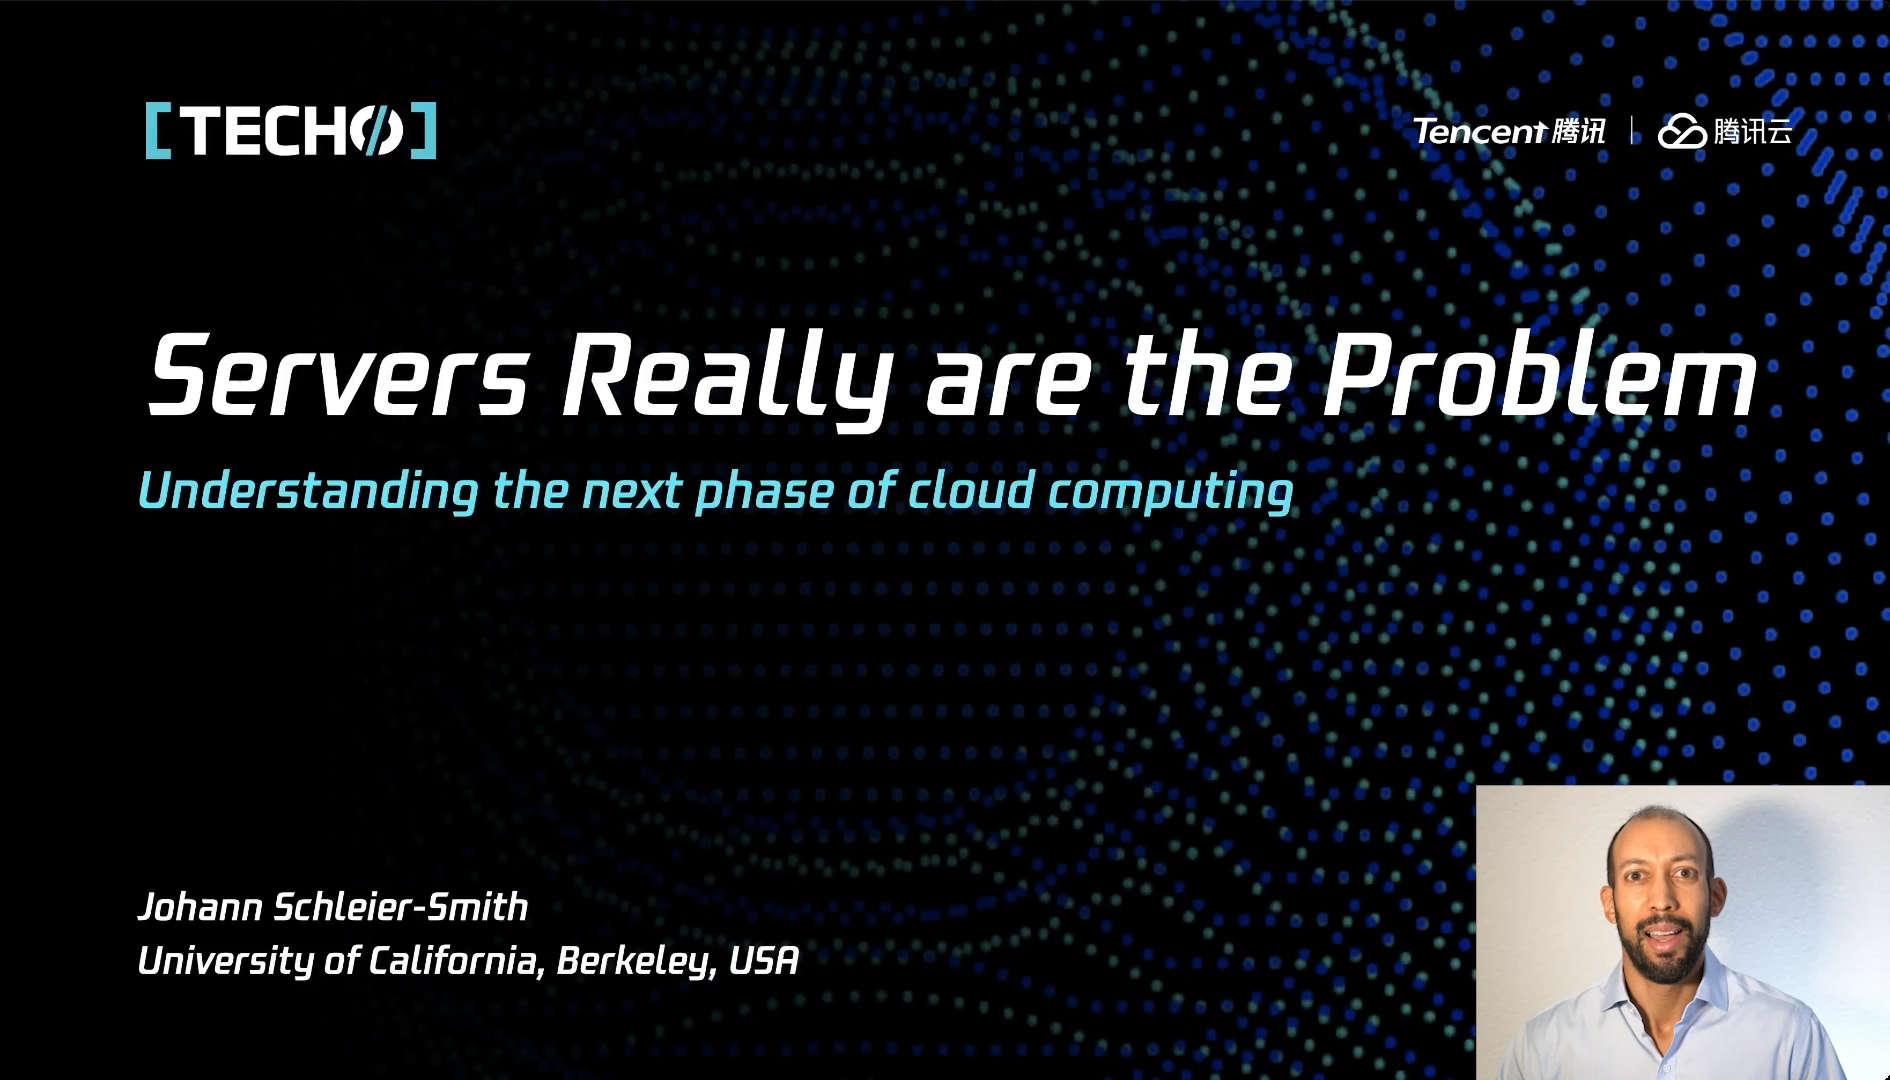 伯克利谈 Serverless:服务器的存在,是云计算的大问题